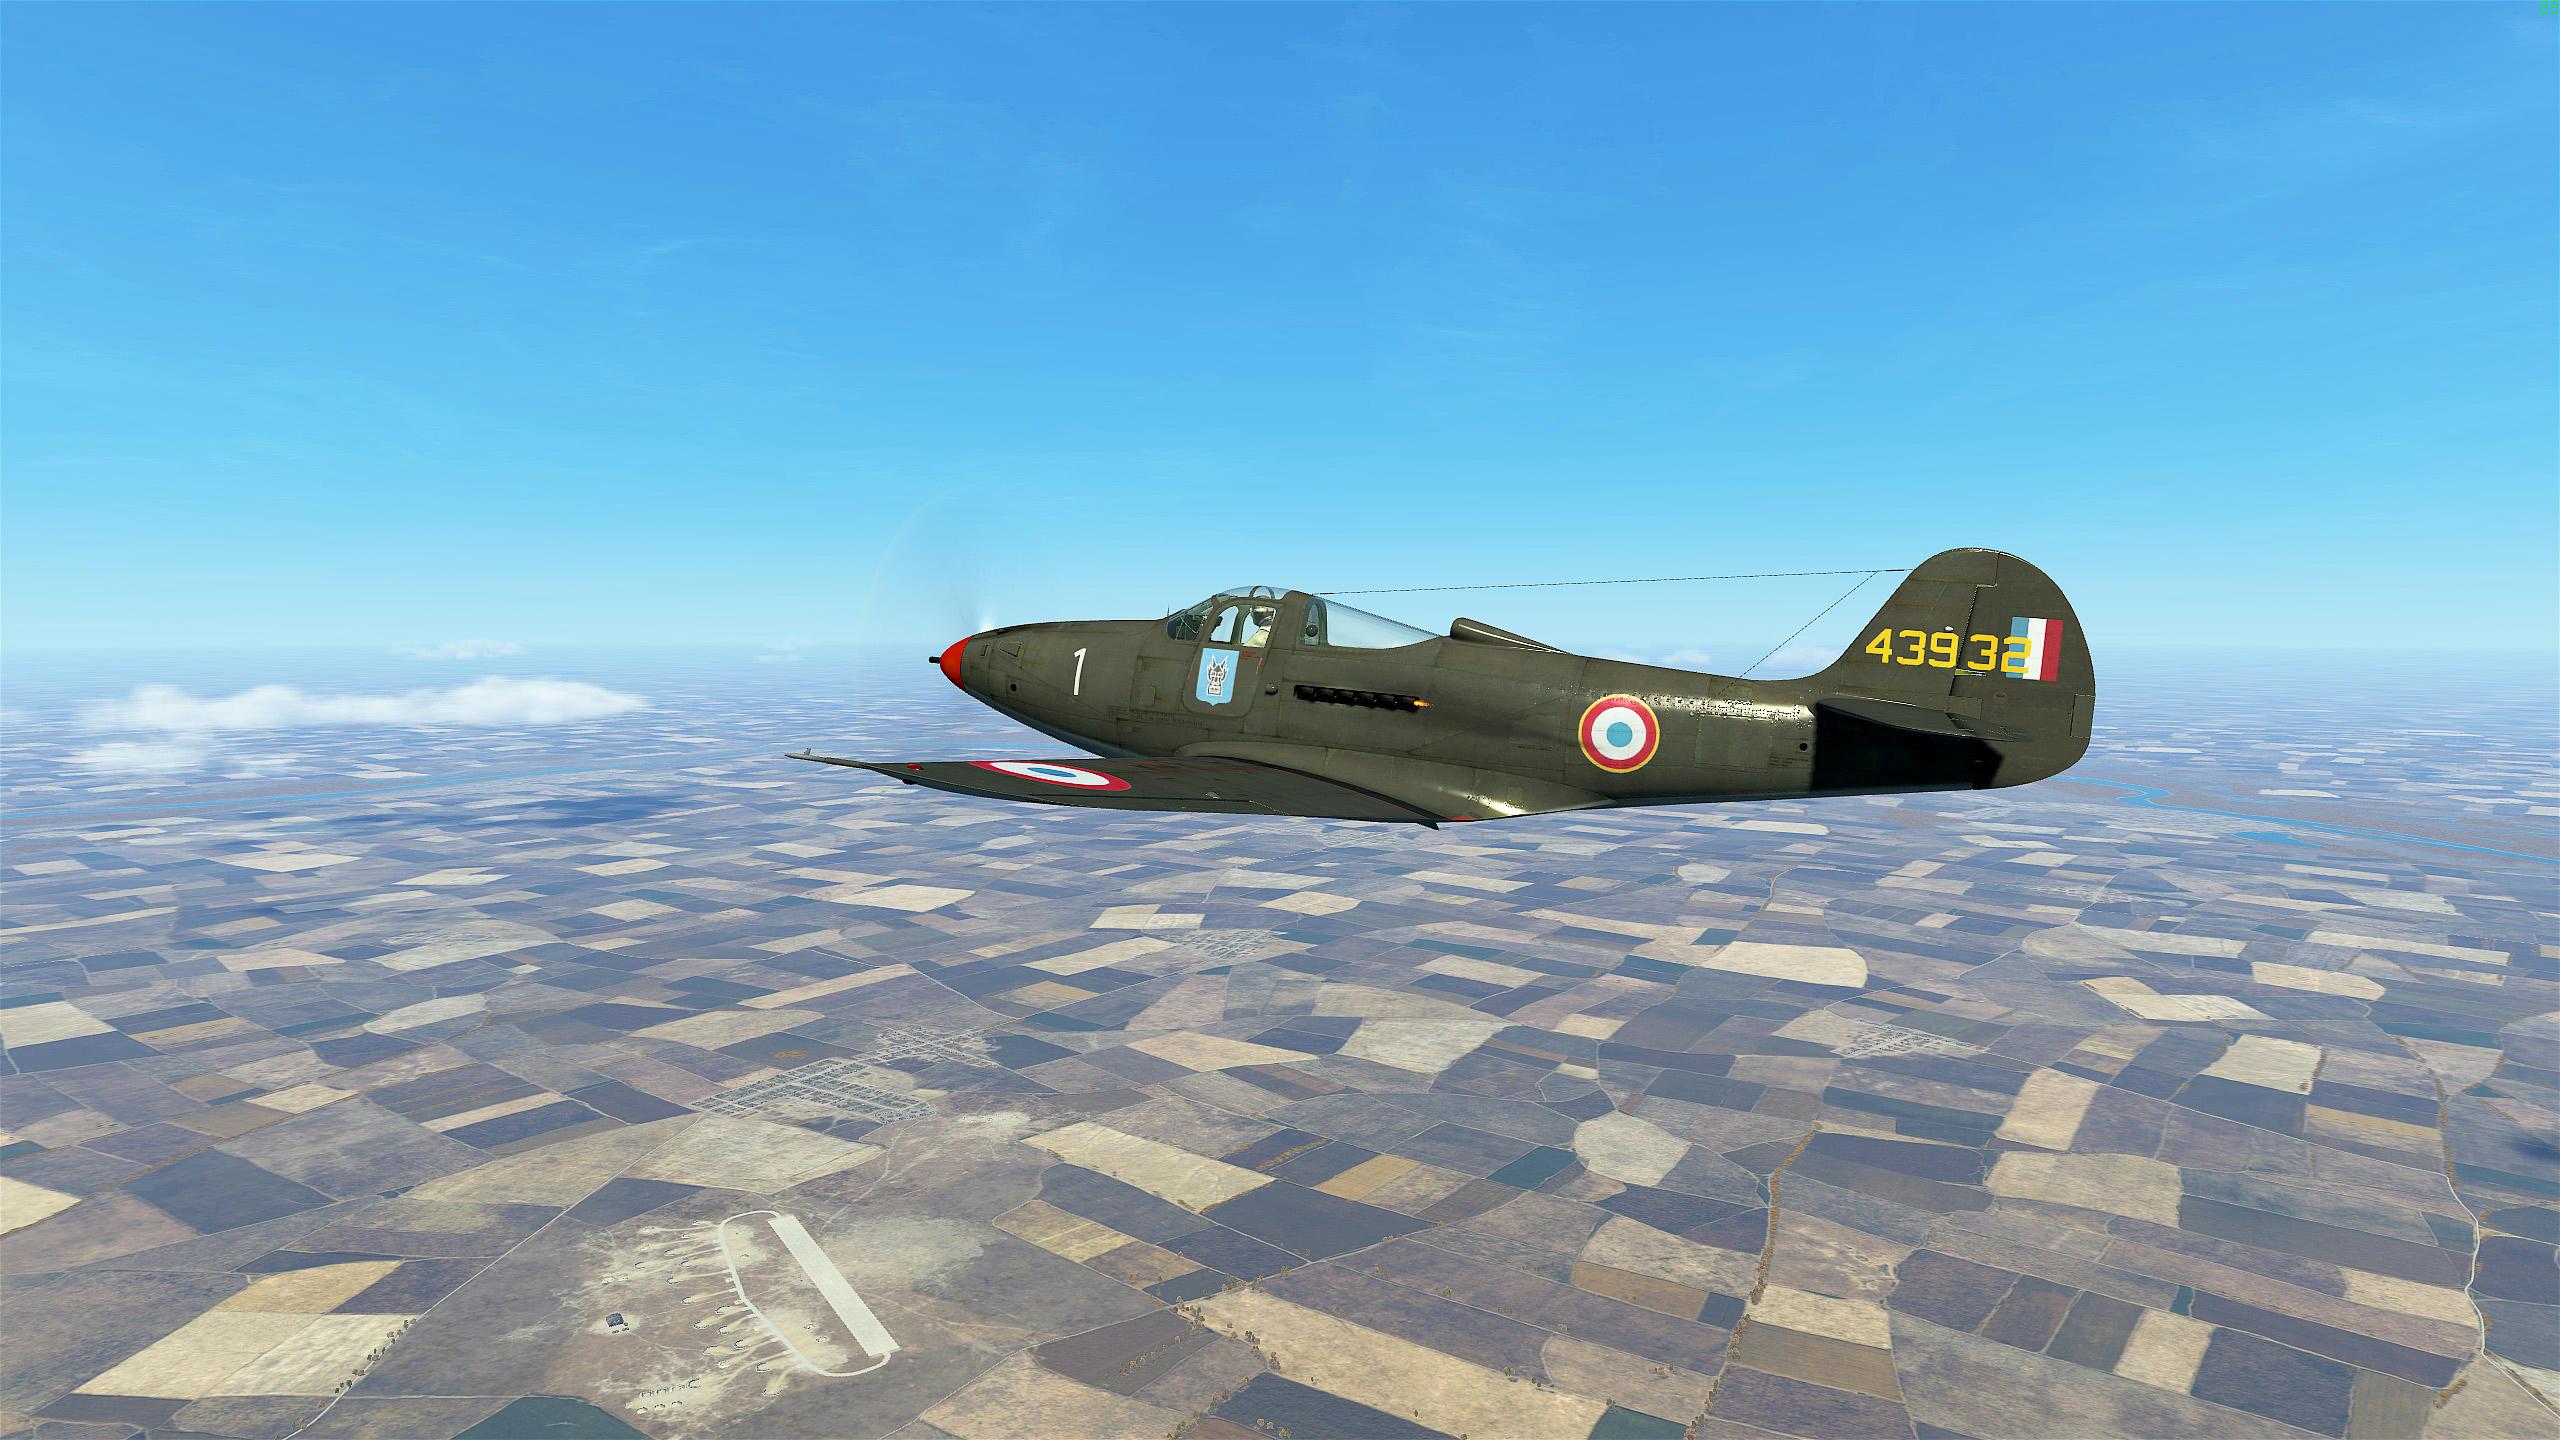 PACK P-39 FRANCAIS Mg0biepj5ltf1w8zg